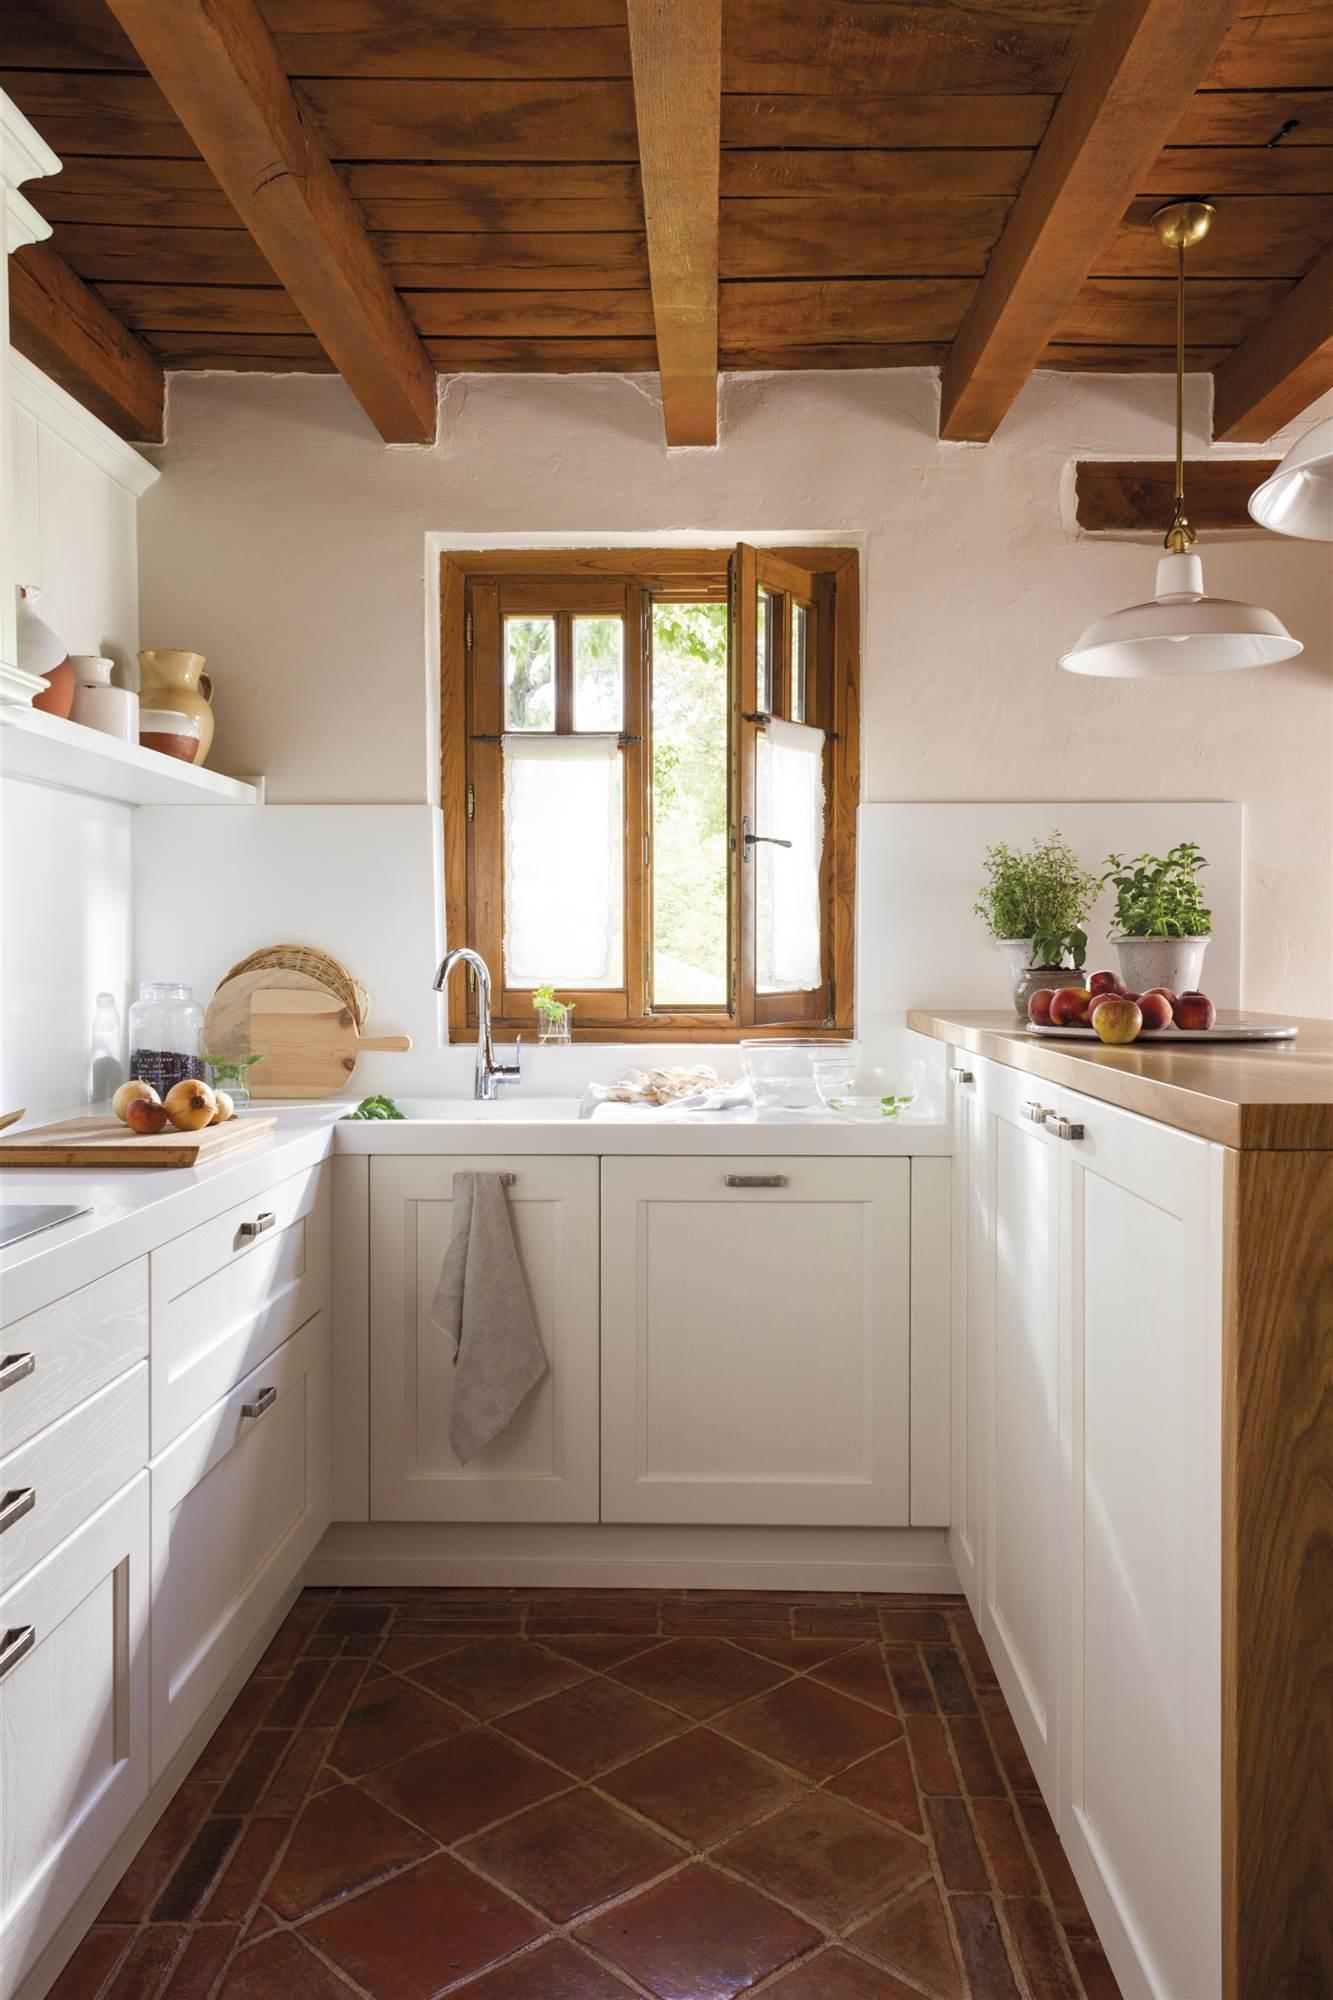 Cocinas peque as ideas decorativas para aprovecharlas y for Modelo de cocina con barra